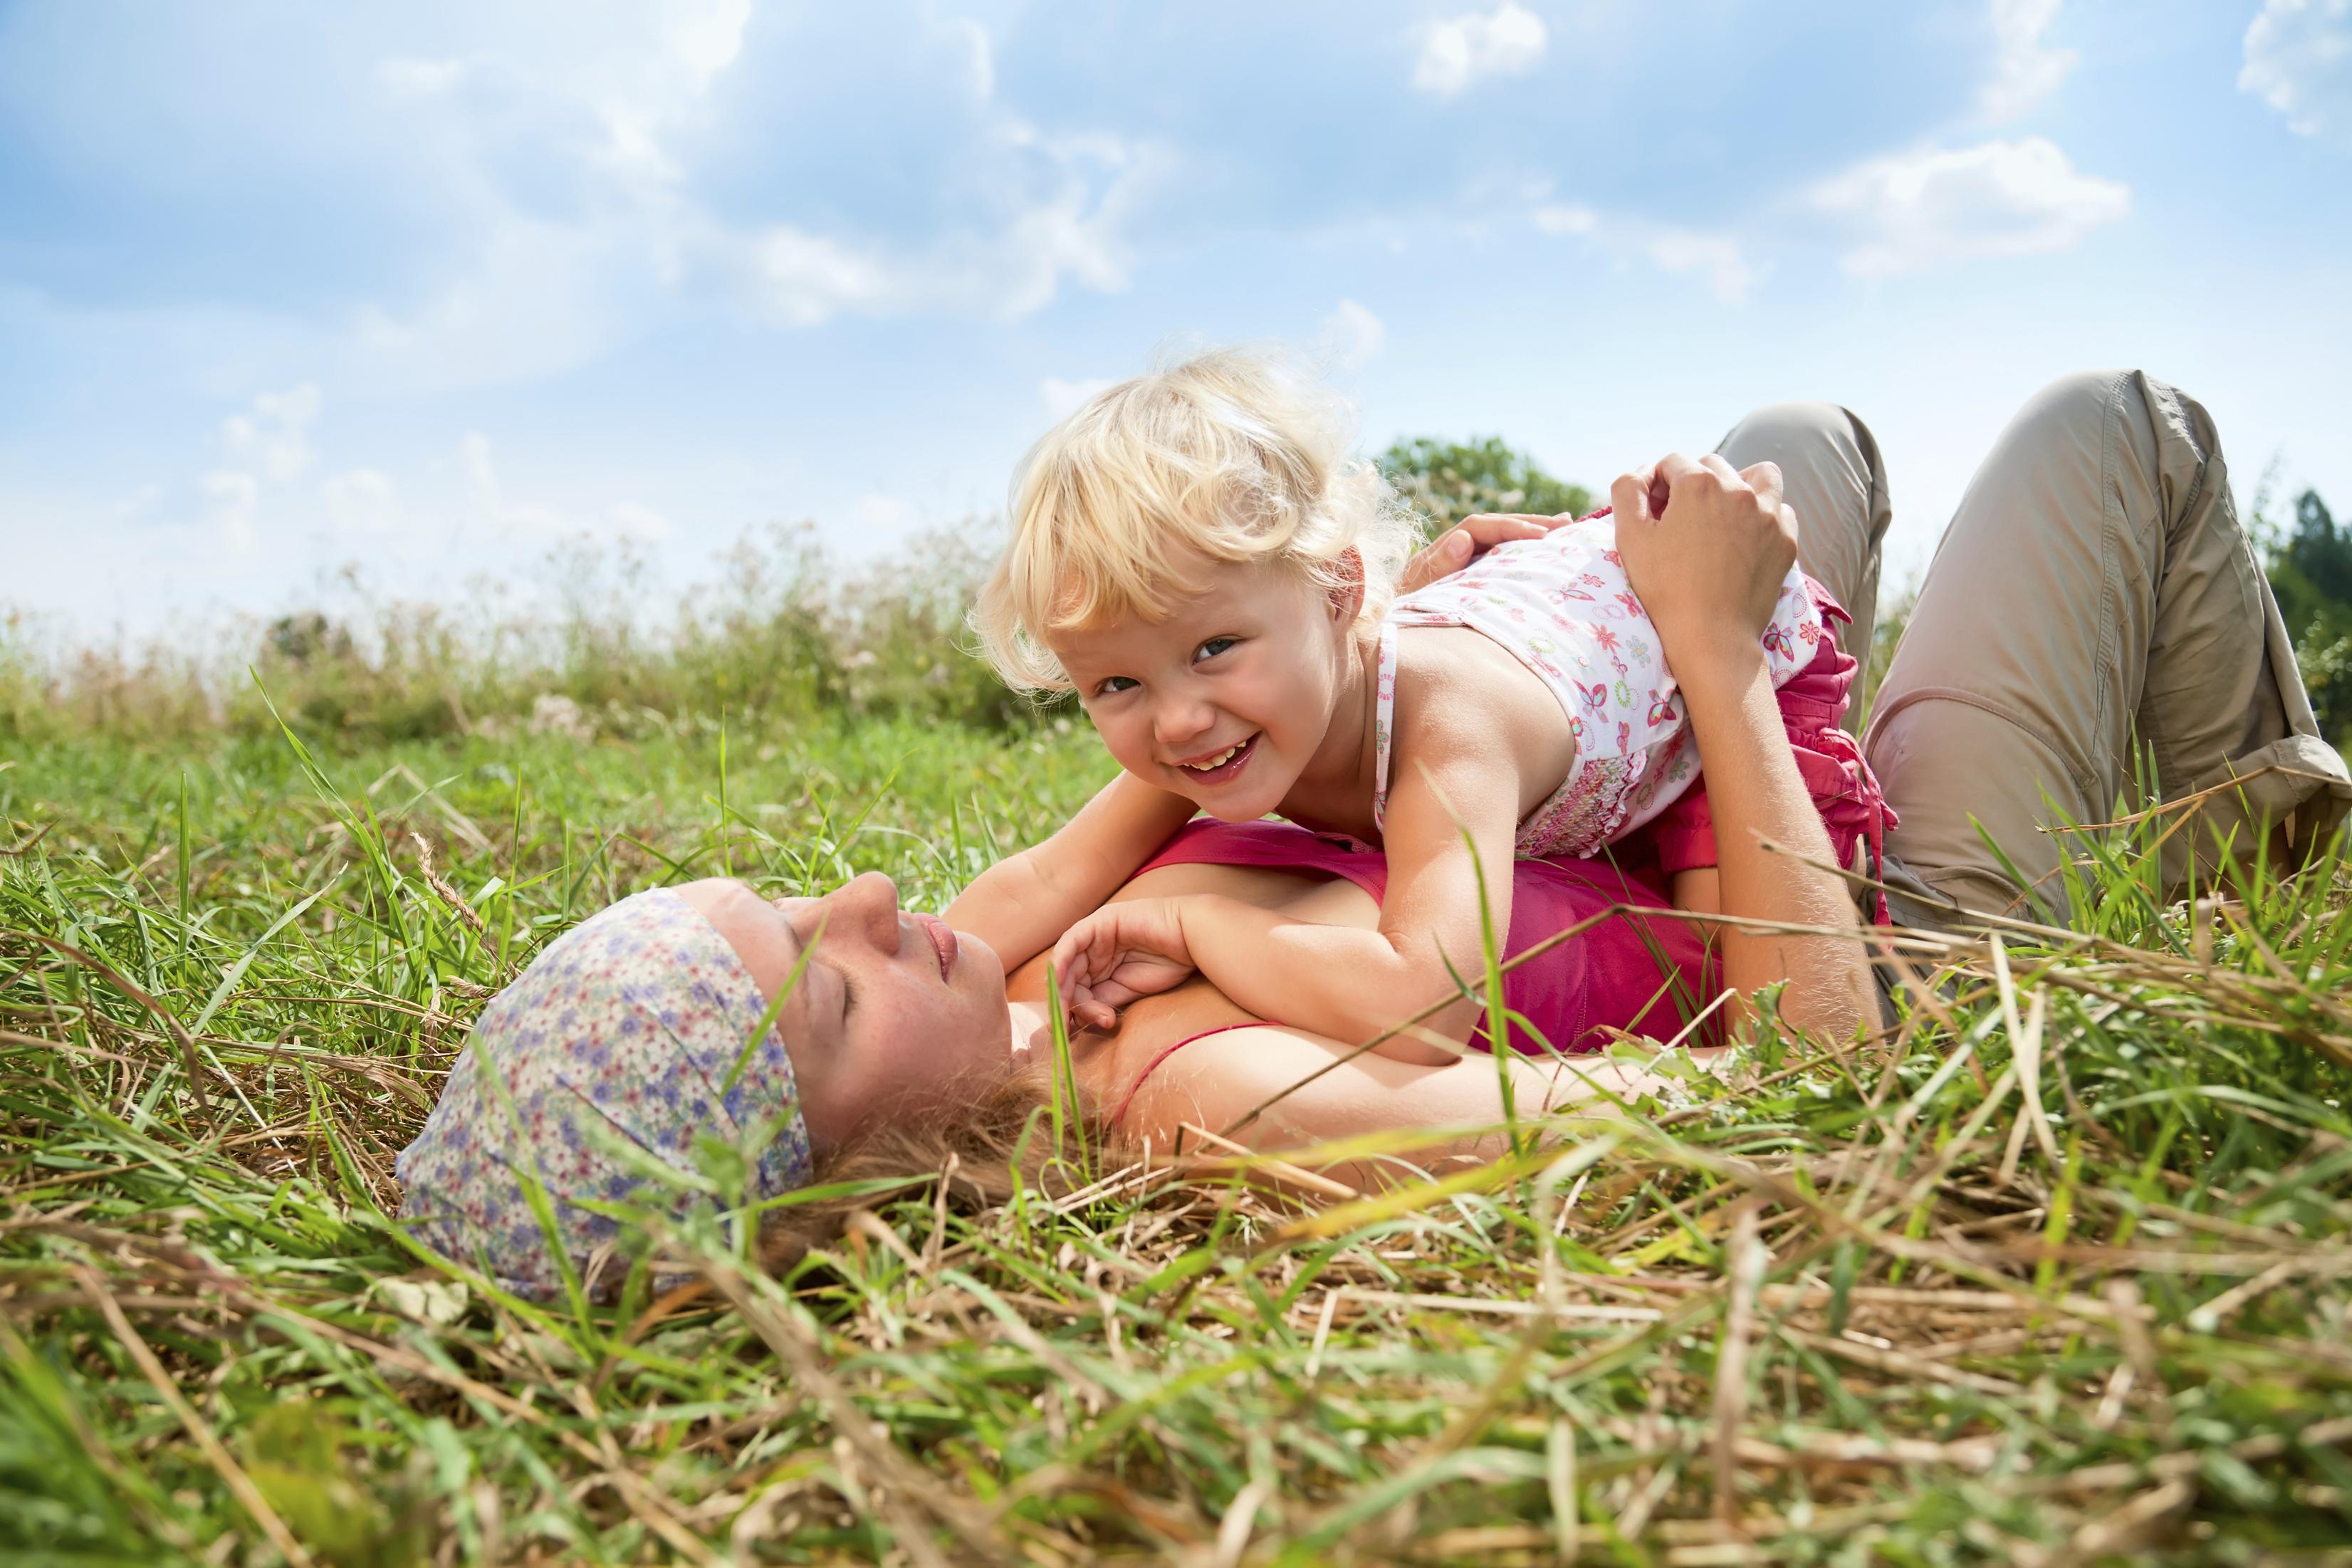 фото эротика мама с дочкой № 139013 без смс